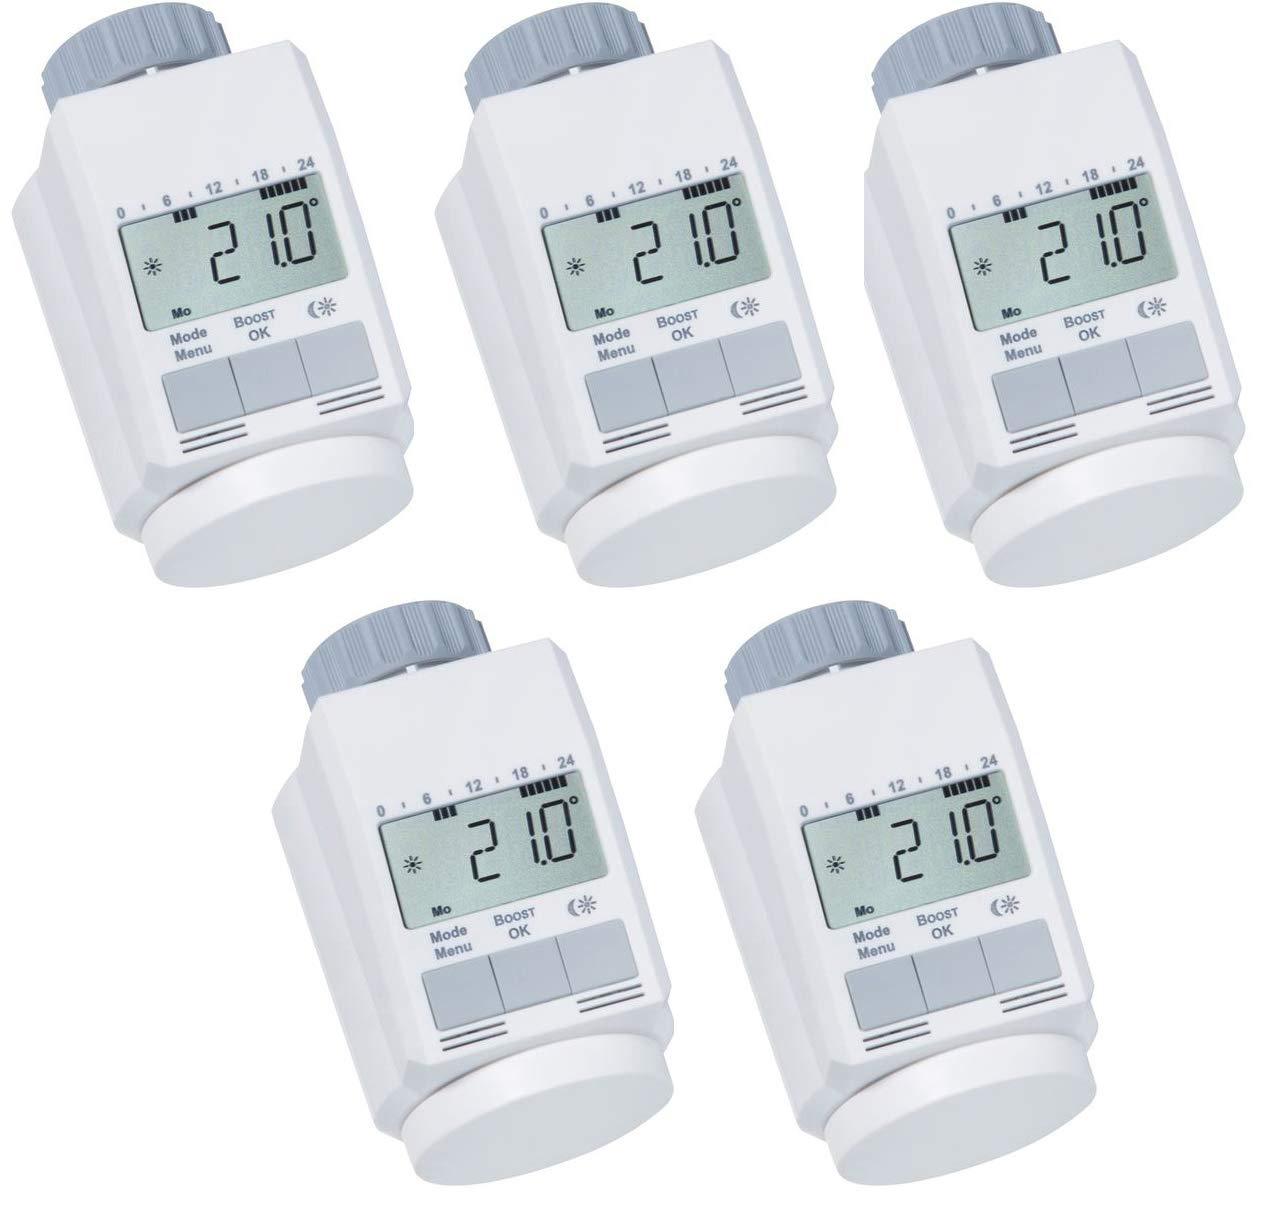 Ensemble de 5 thermostats de radiateur classique 'L' avec fonction boost + + + nouveau modè le silencieux eQ-3